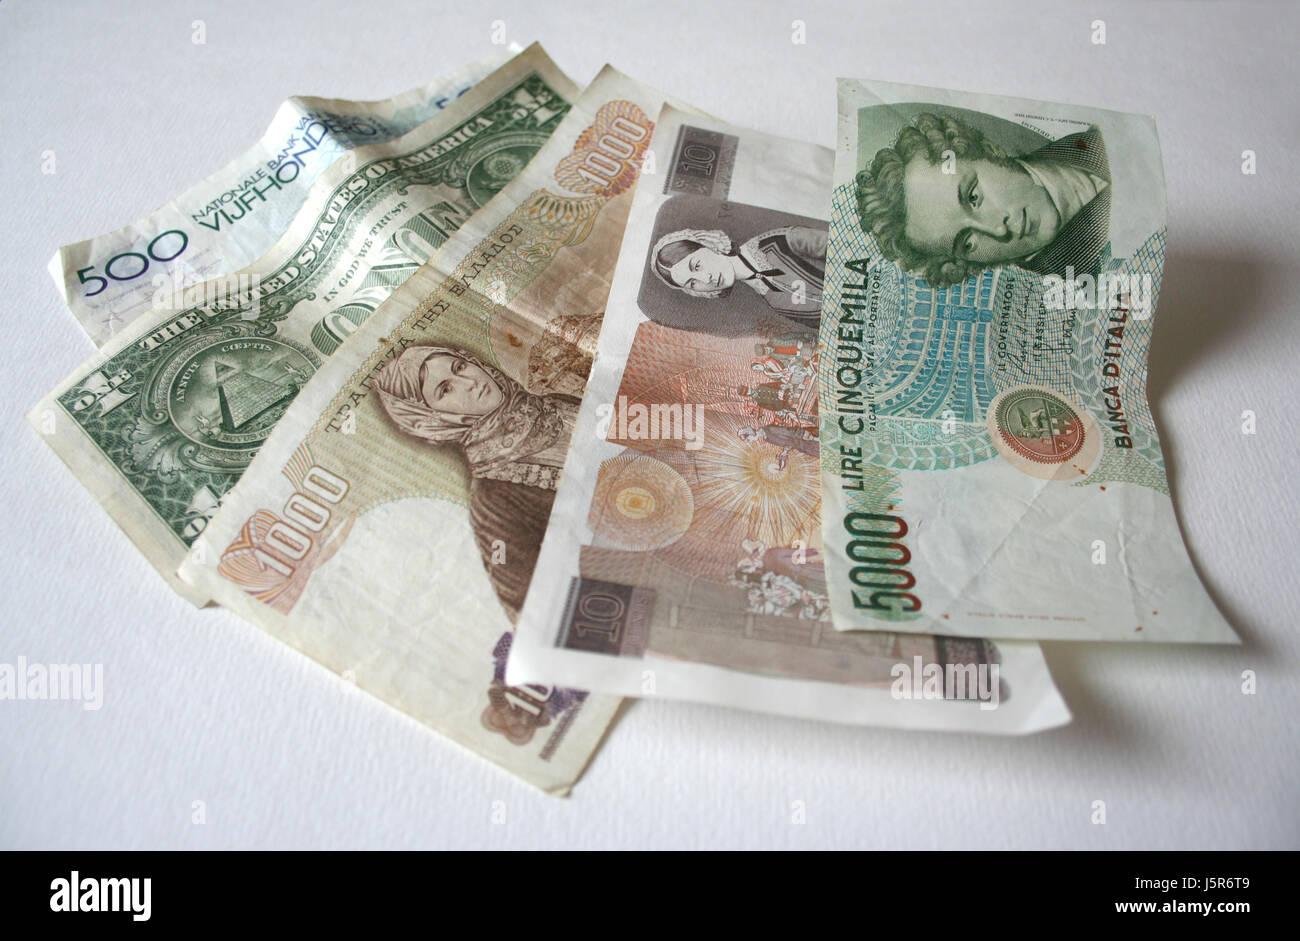 Pagare dollaro valuta dollari europa banconote acquistare paesi stranieri estera Foto Stock